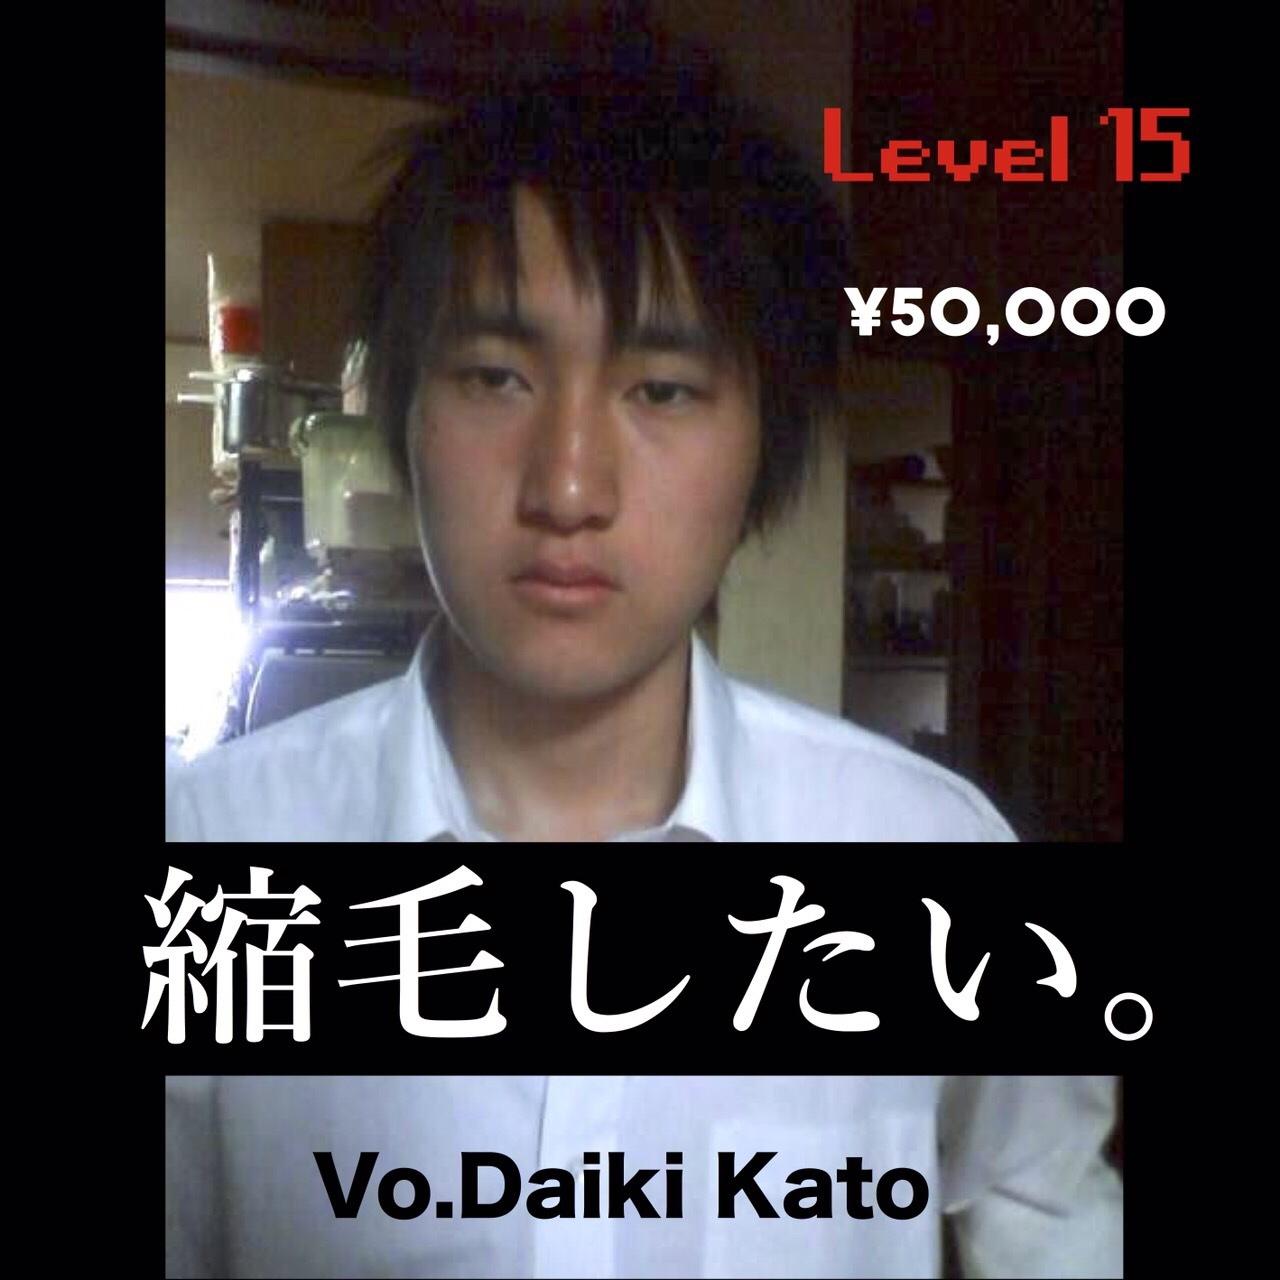 【ボーカル:Daiki Katoが縮毛してサラサラヘアーにするプラン】